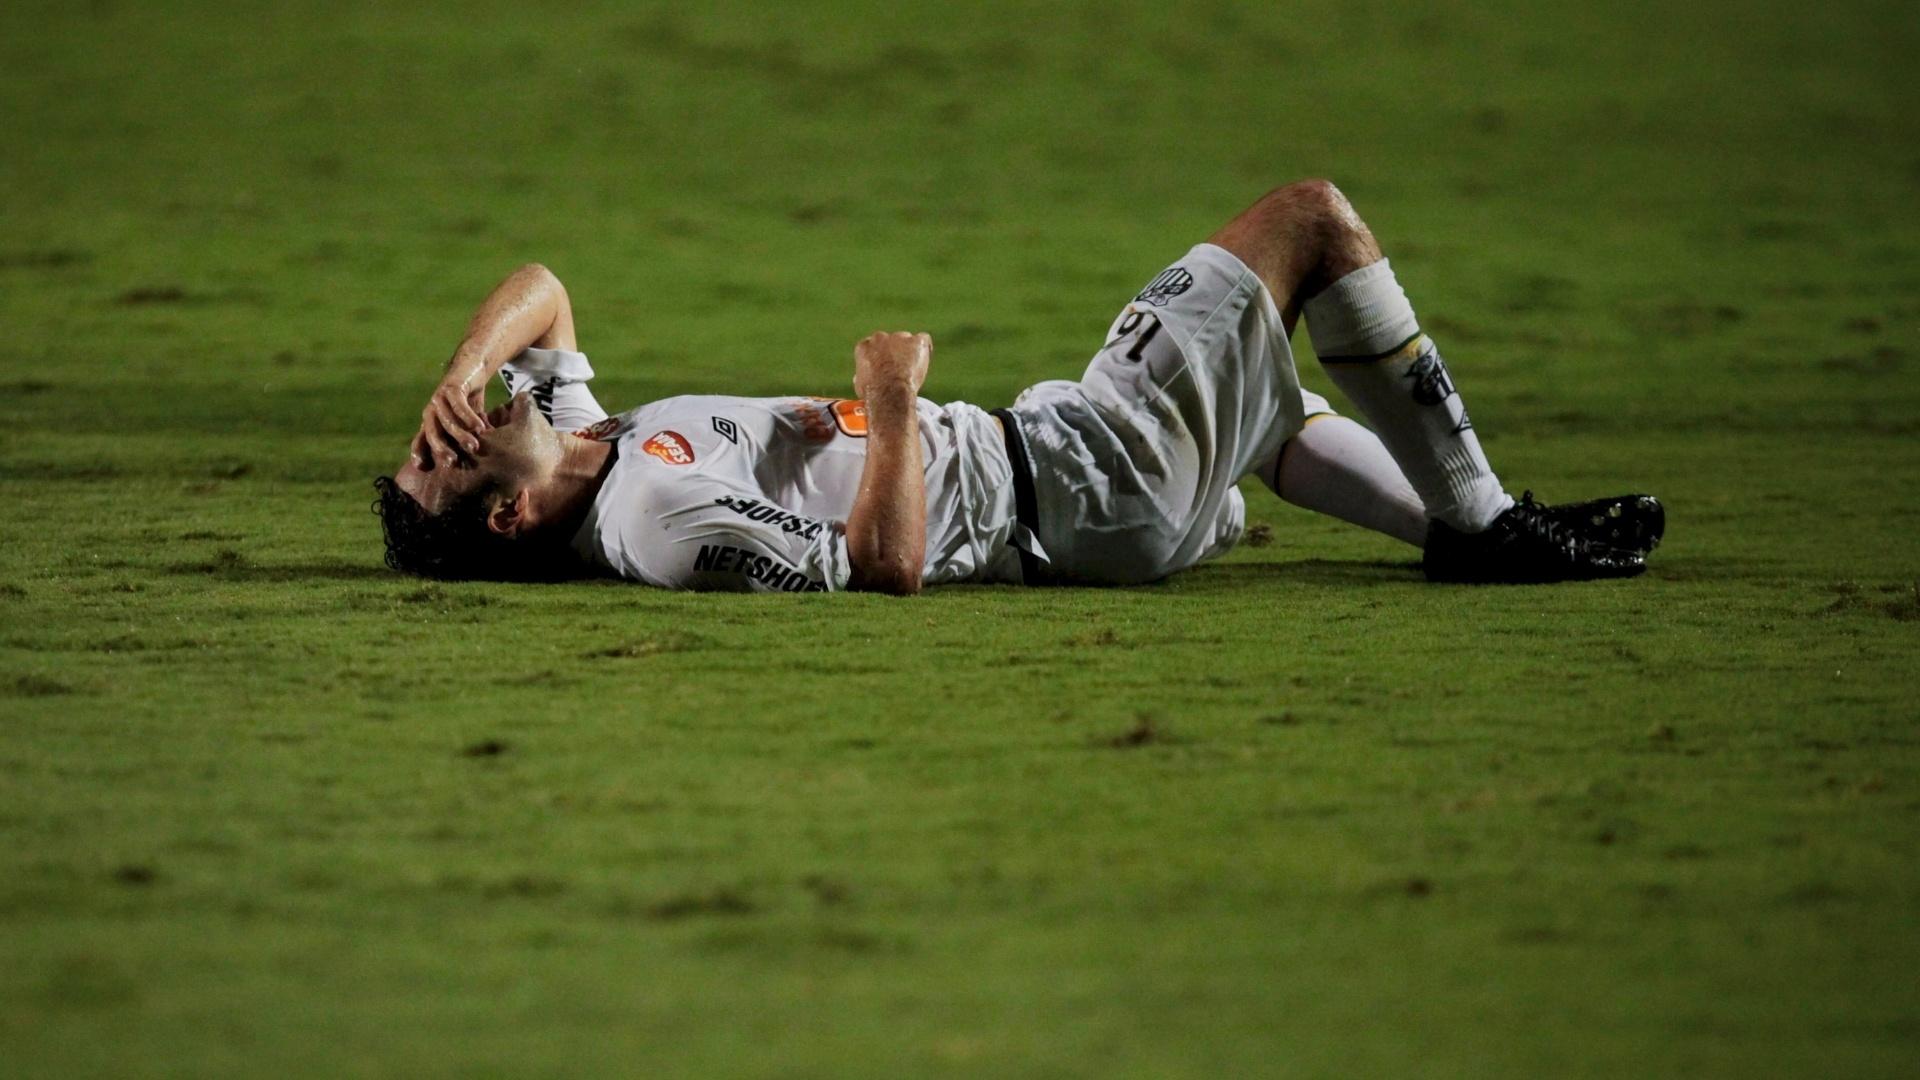 Juan fica caído após sofrer falta durante a partida do Santos contra o Juan Aurich, no Pacaembu